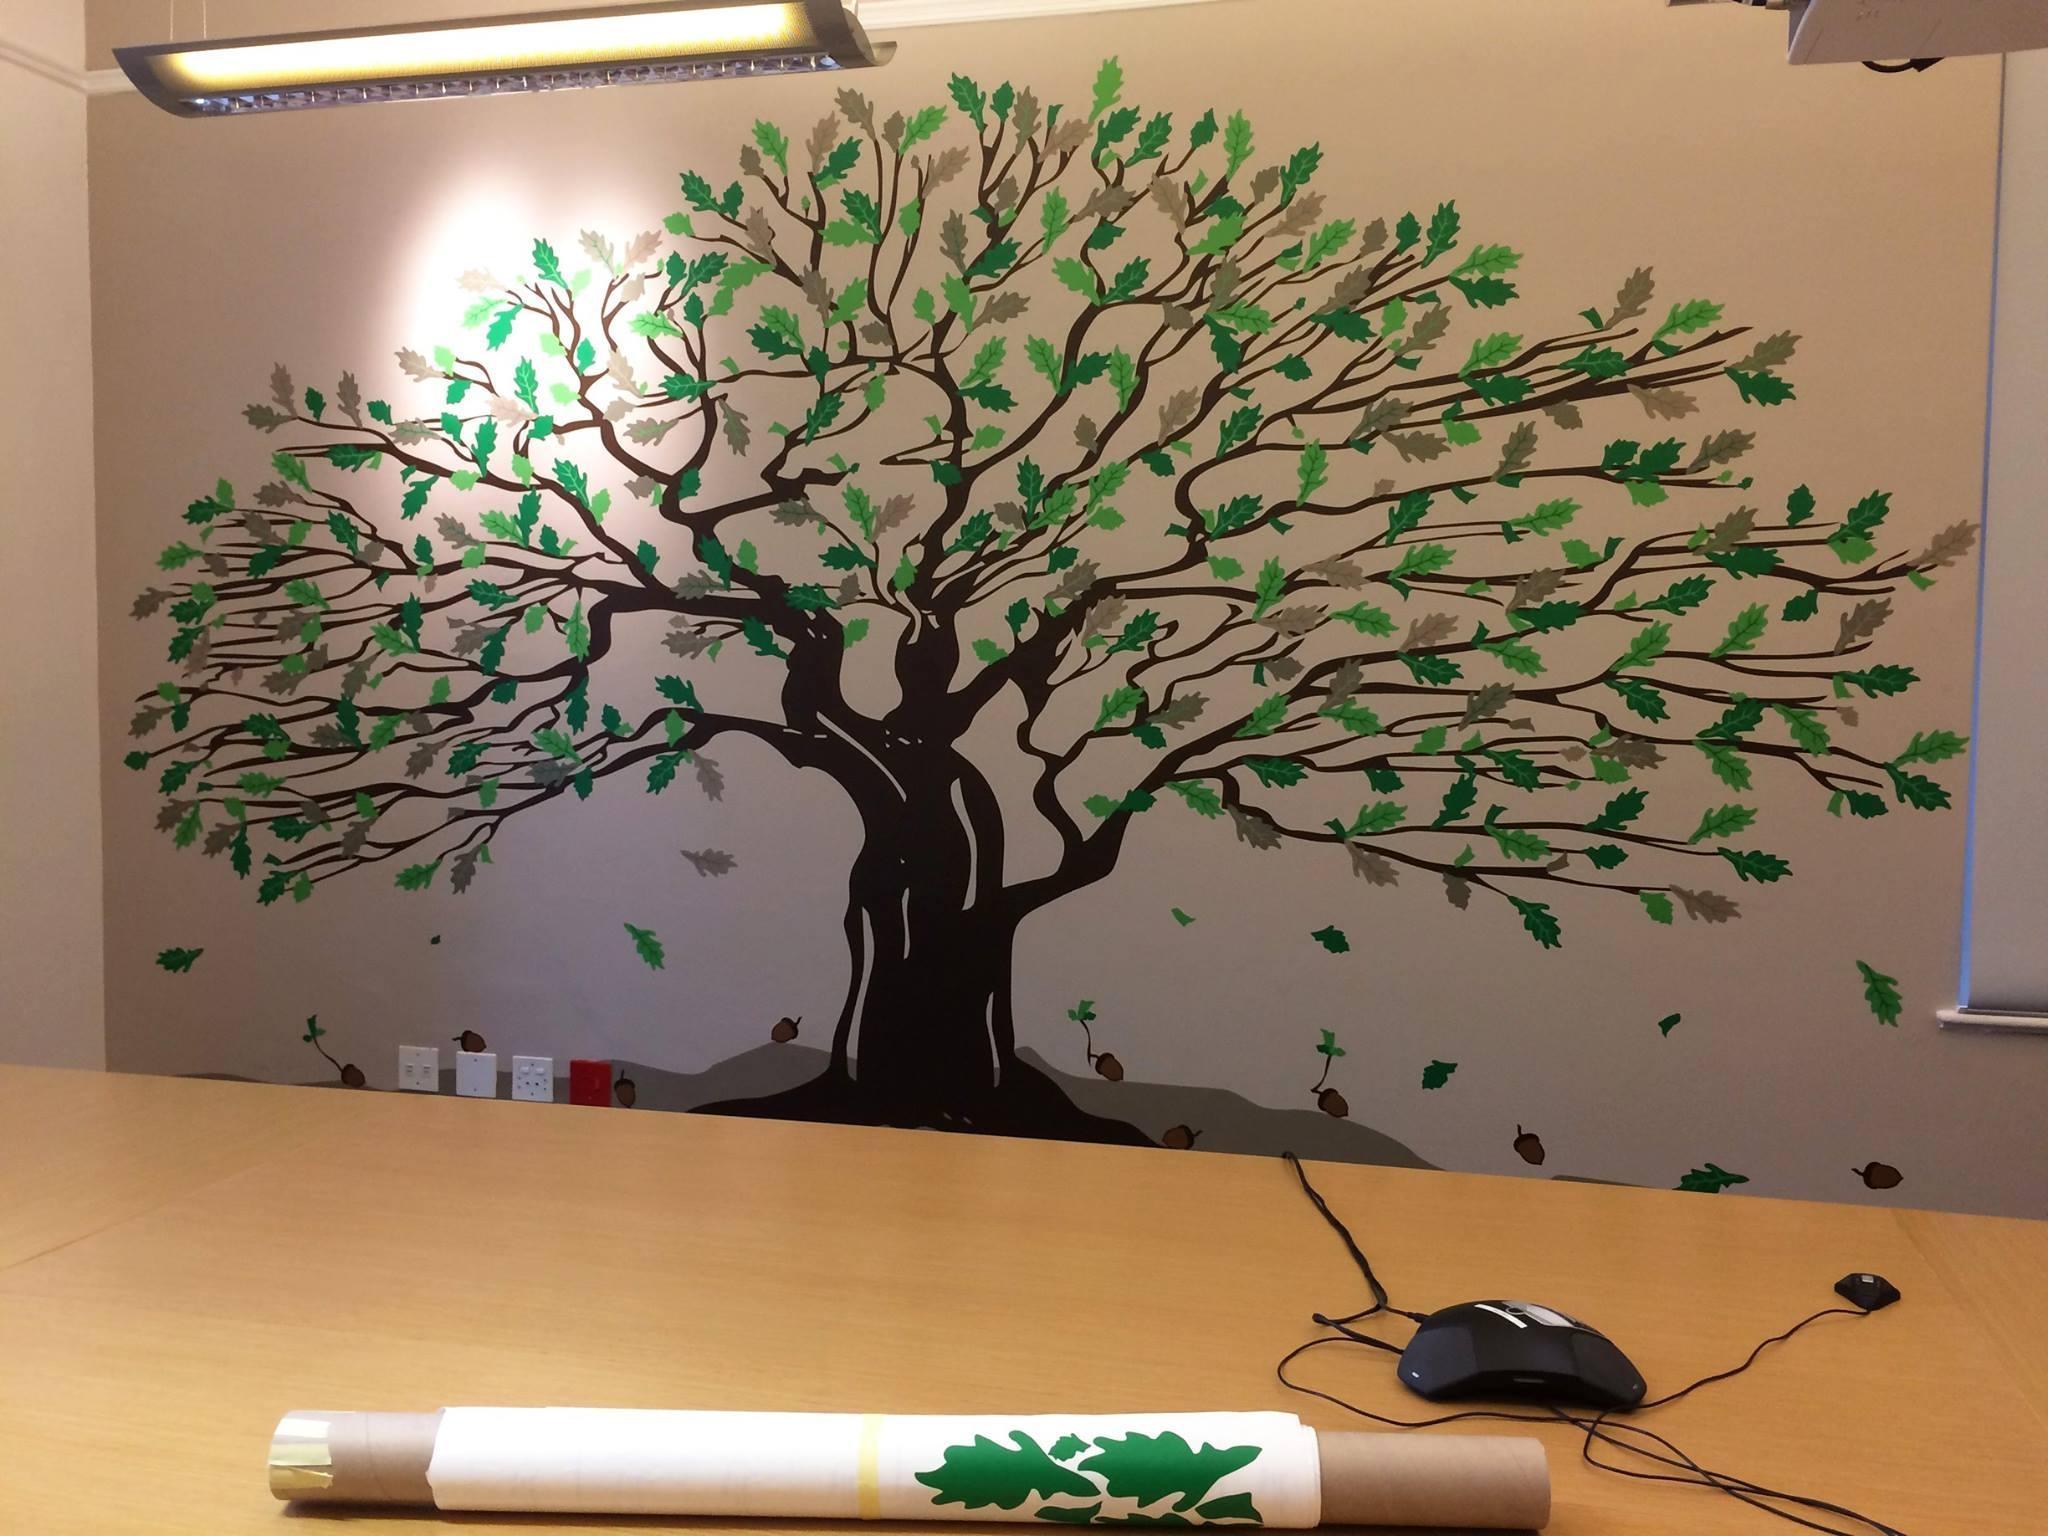 Allan Gray Oak Tree – Wallart Studios Intended For Oak Tree Wall Art (View 5 of 20)